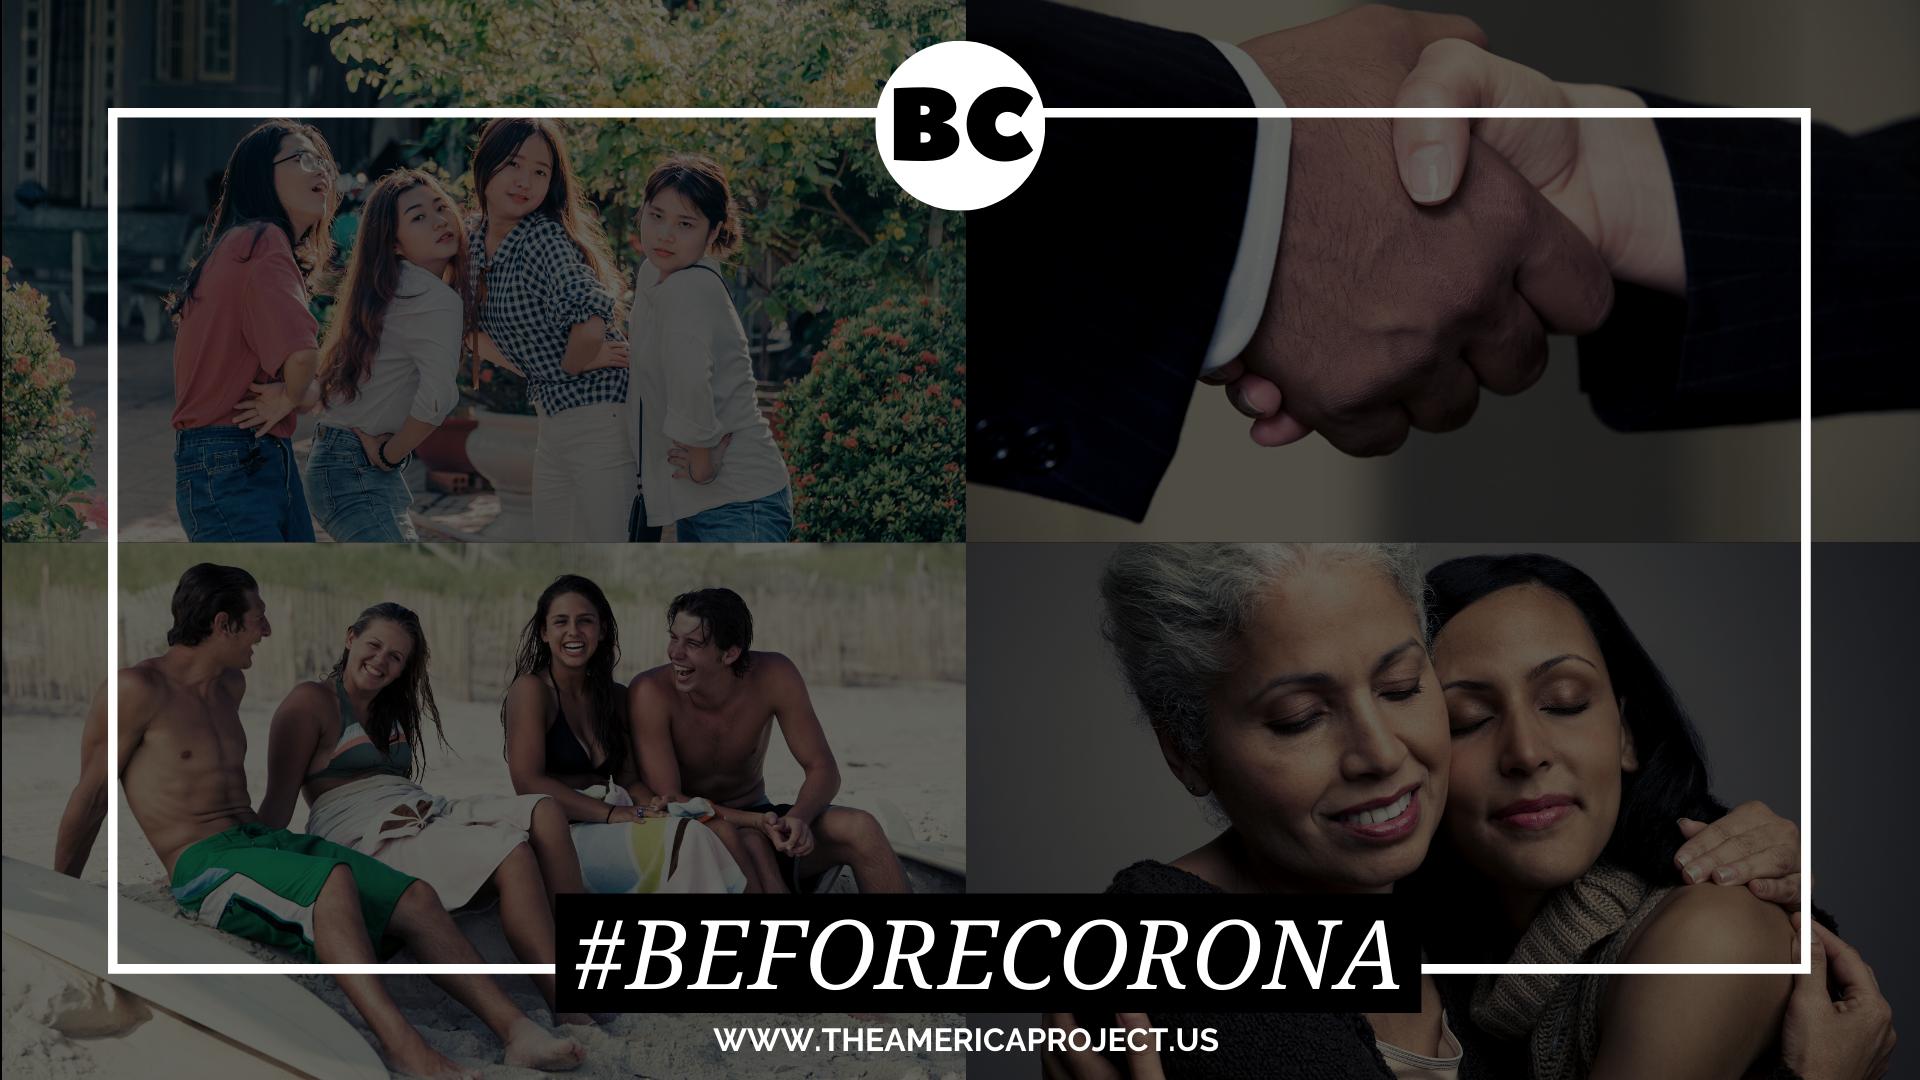 05.14.20 #BEFORECORONA